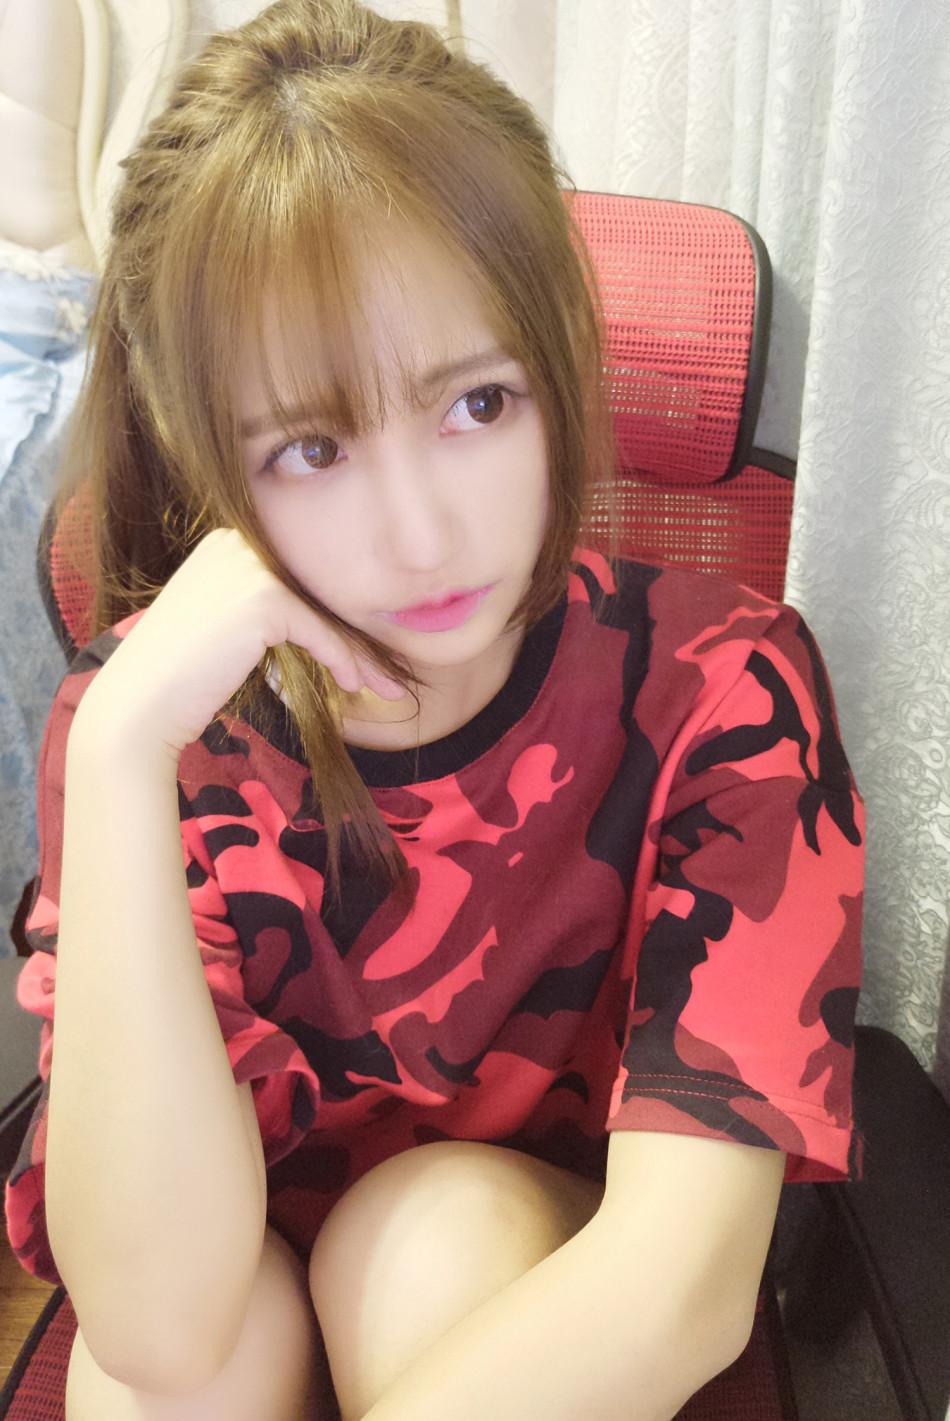 人美歌甜萌萌哒 炉石主播丸子cos性感女仆(13)